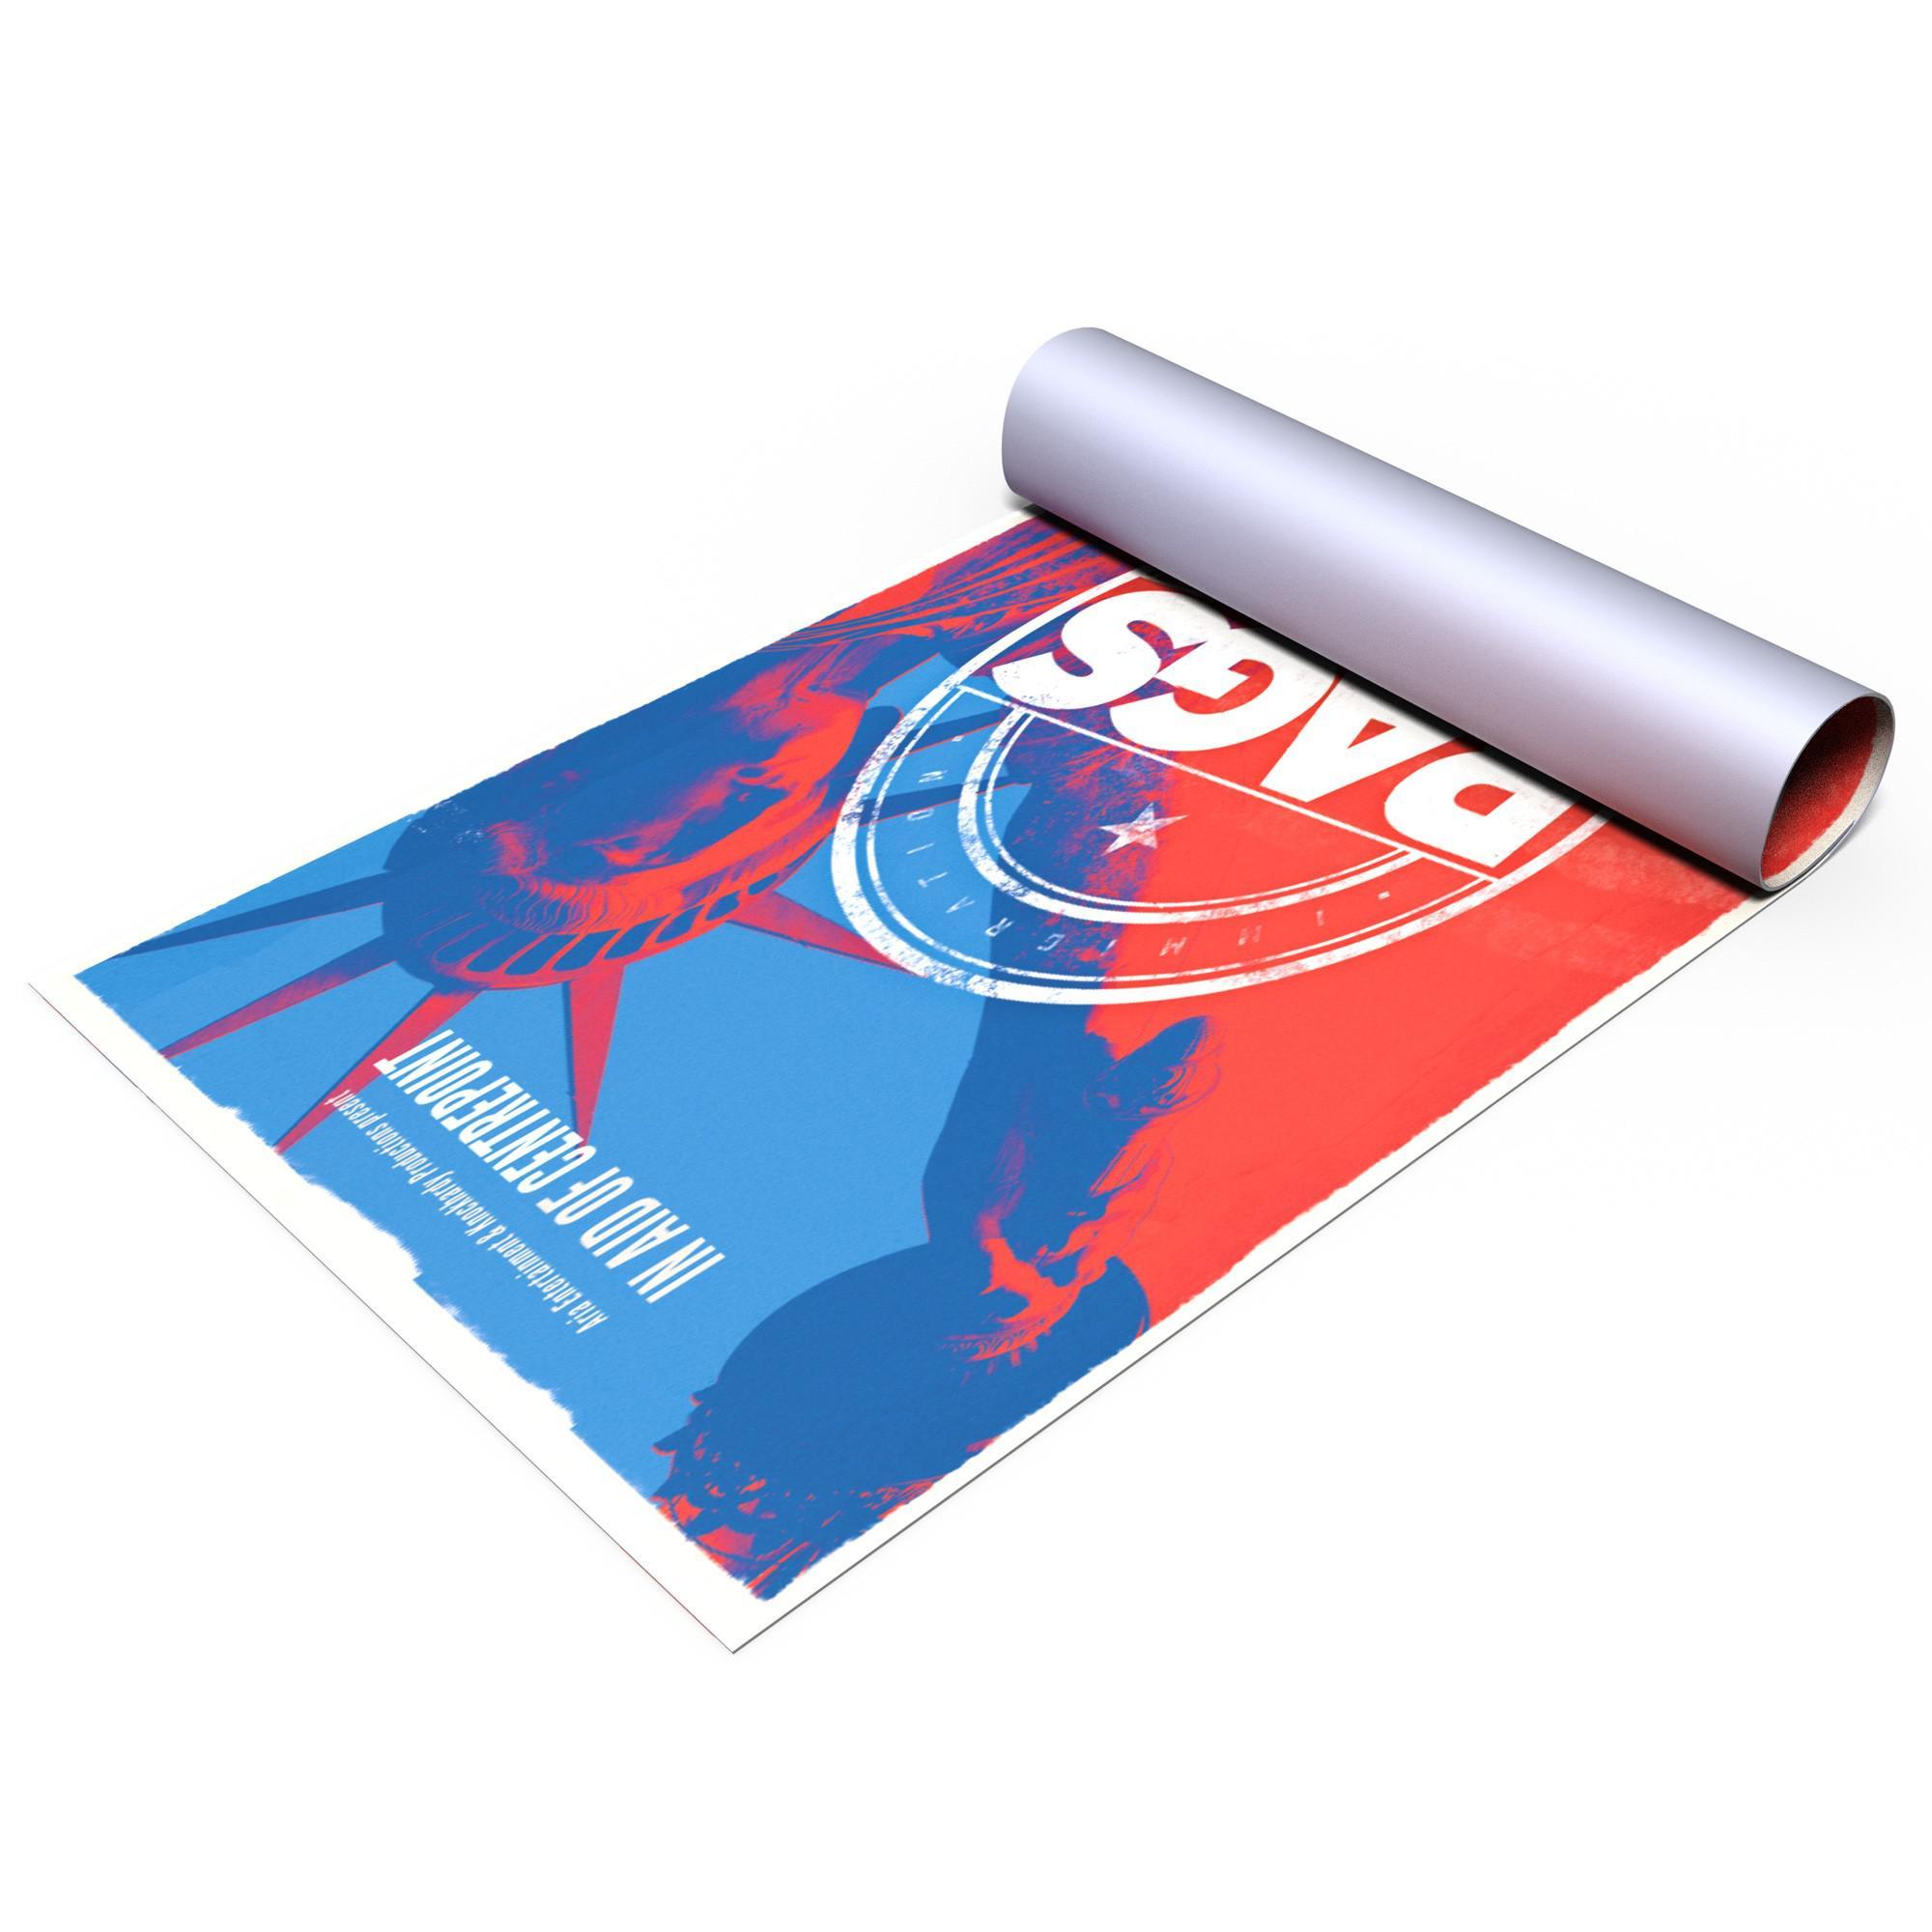 постер на бумаге печать качество сена